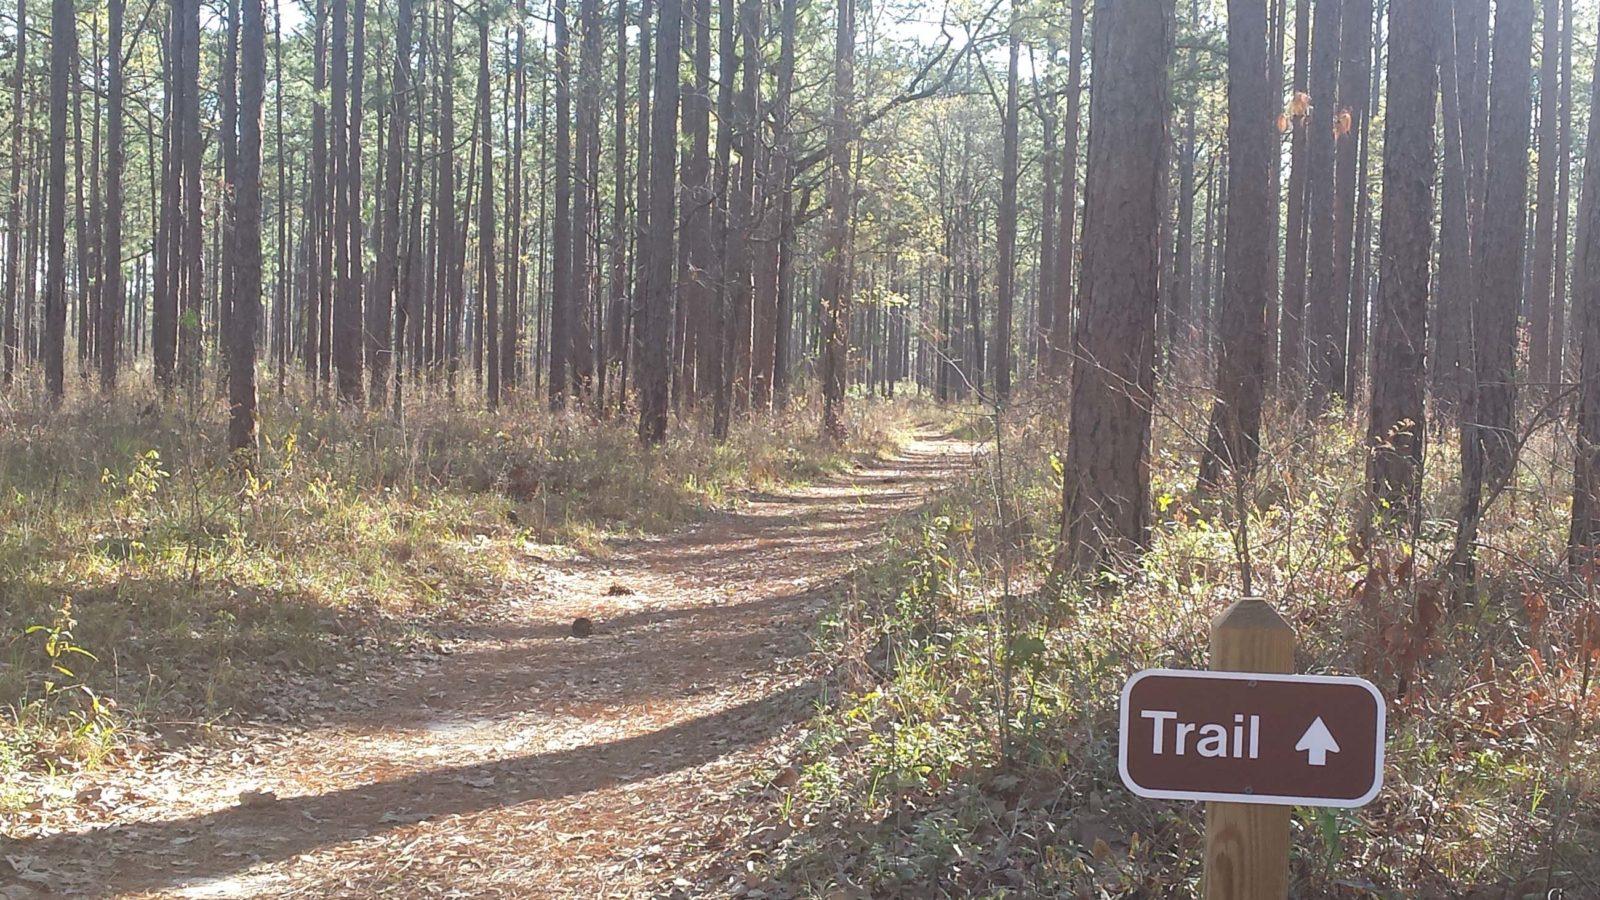 The Gopher-Tortoise Trail in Georgia